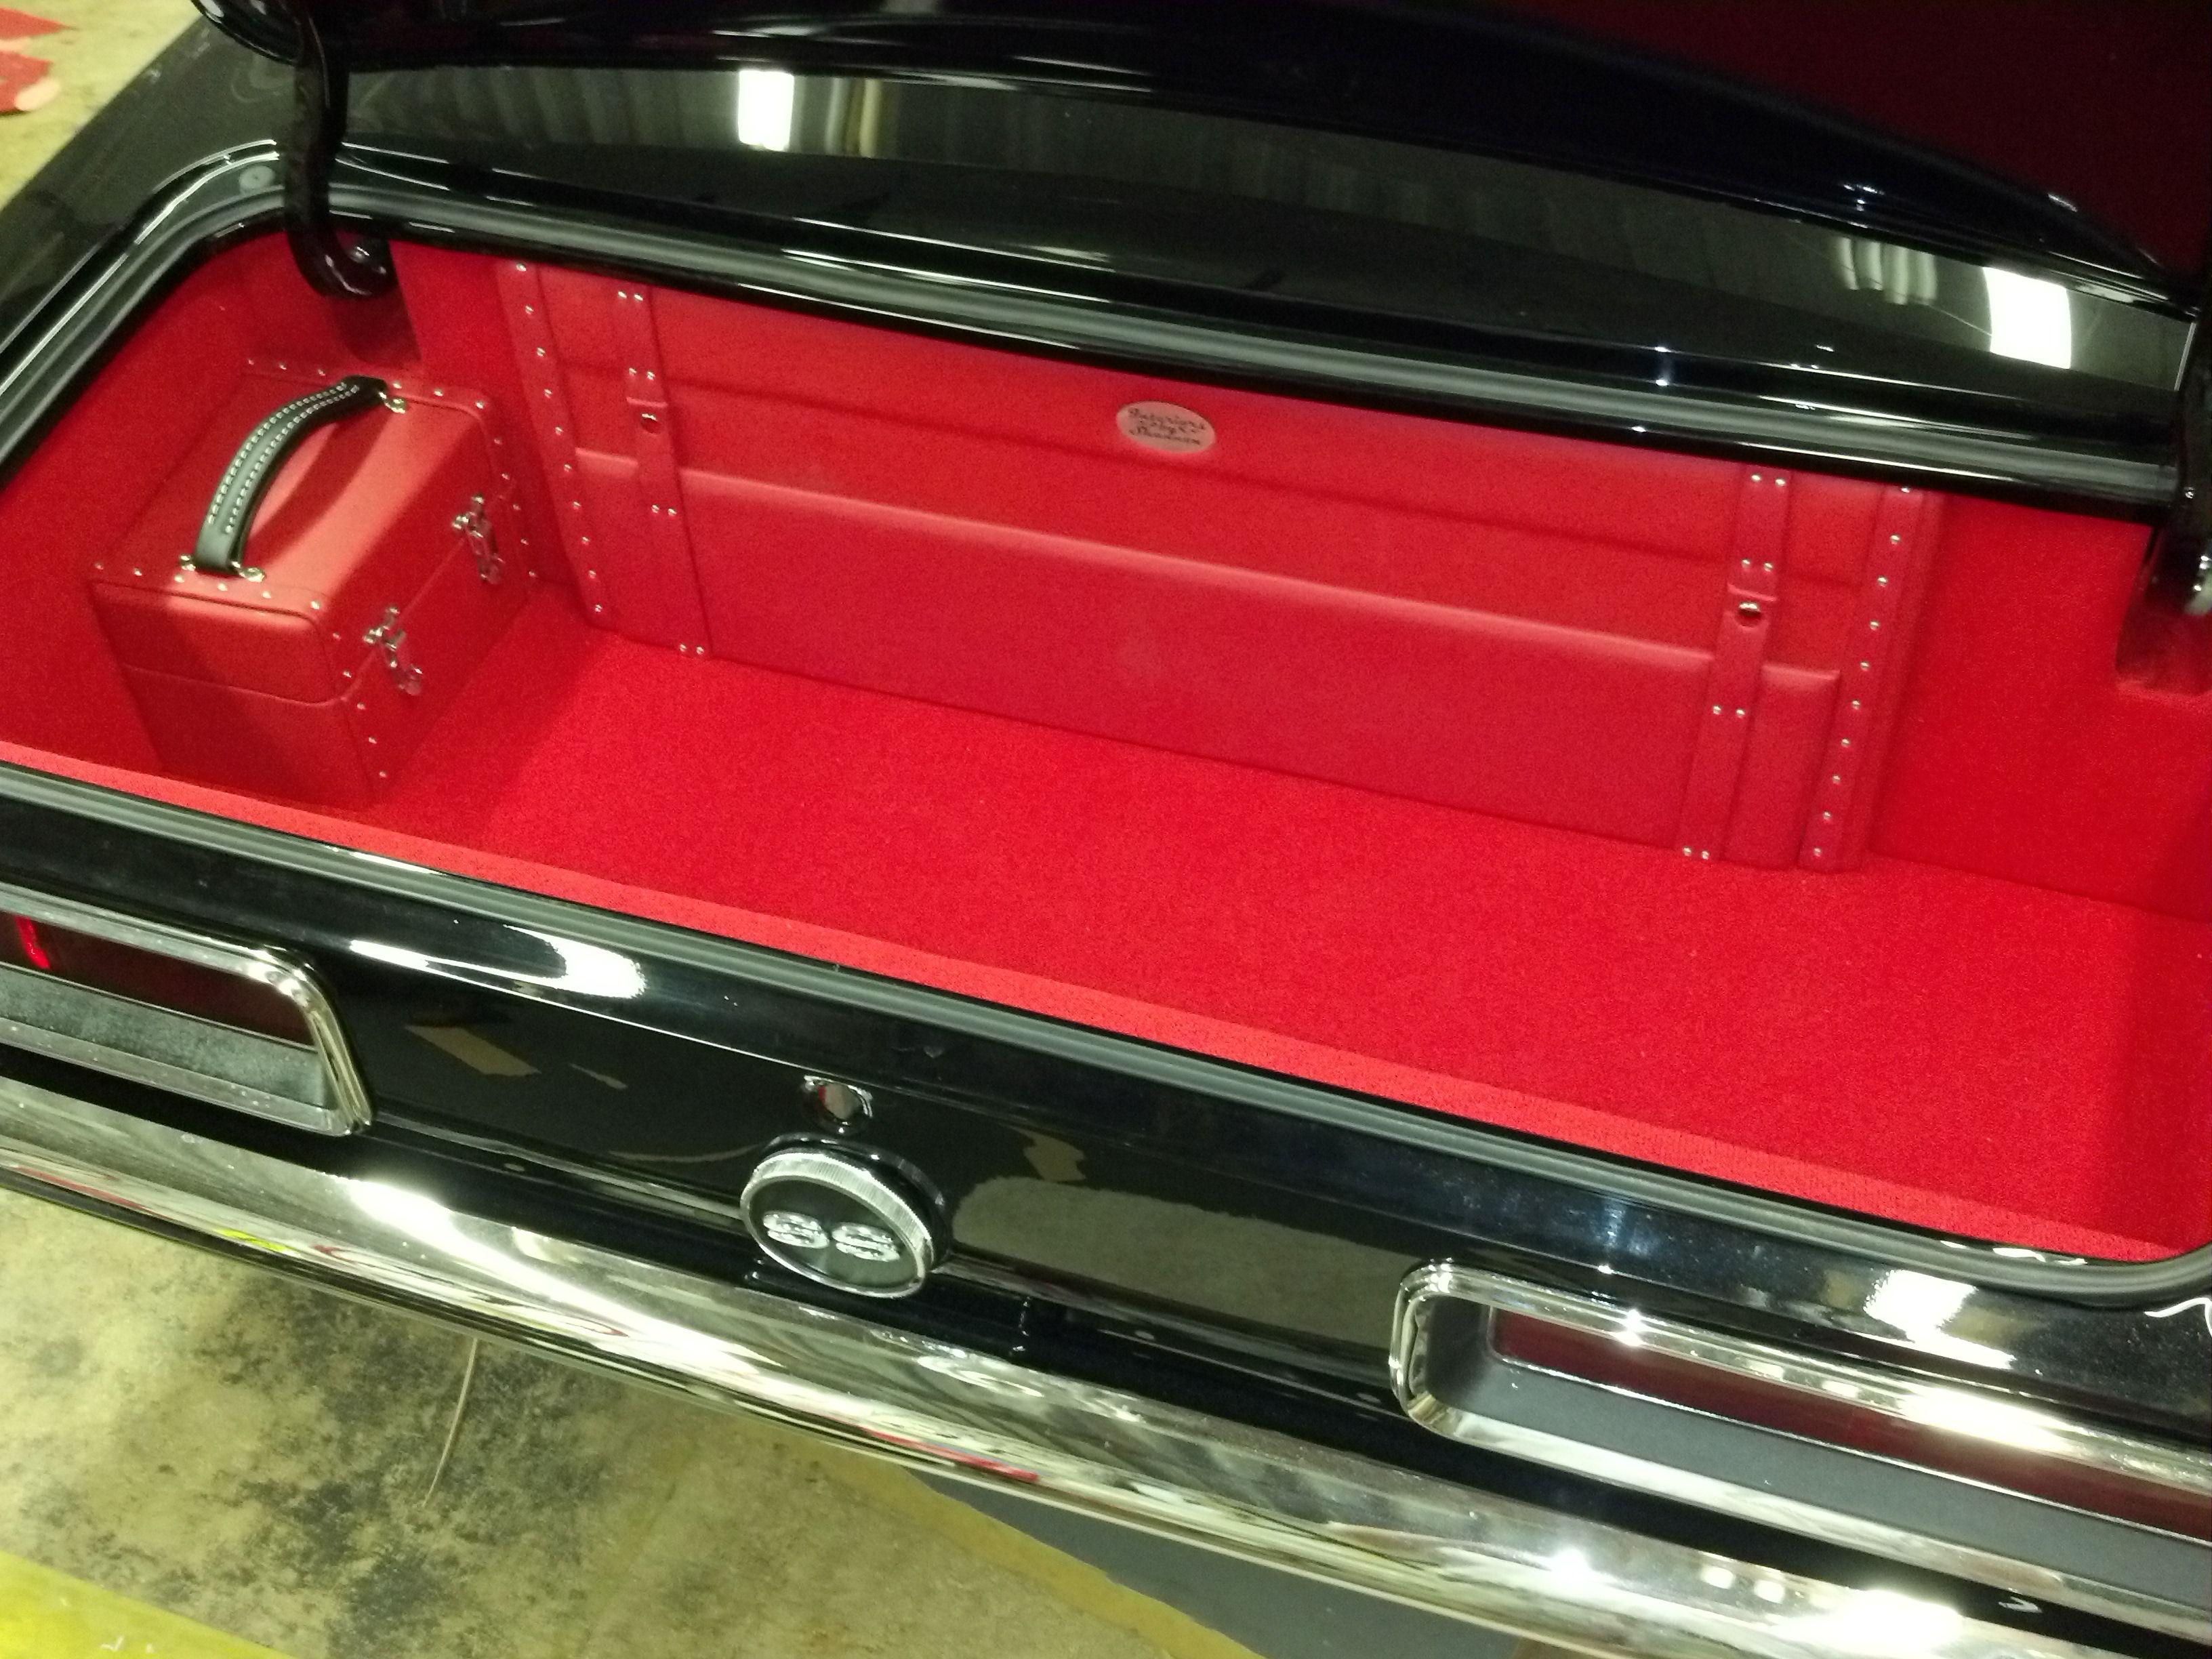 Black 67 Camaro Red Interior Custom Car Interior Camaro Interior Car Interior Upholstery